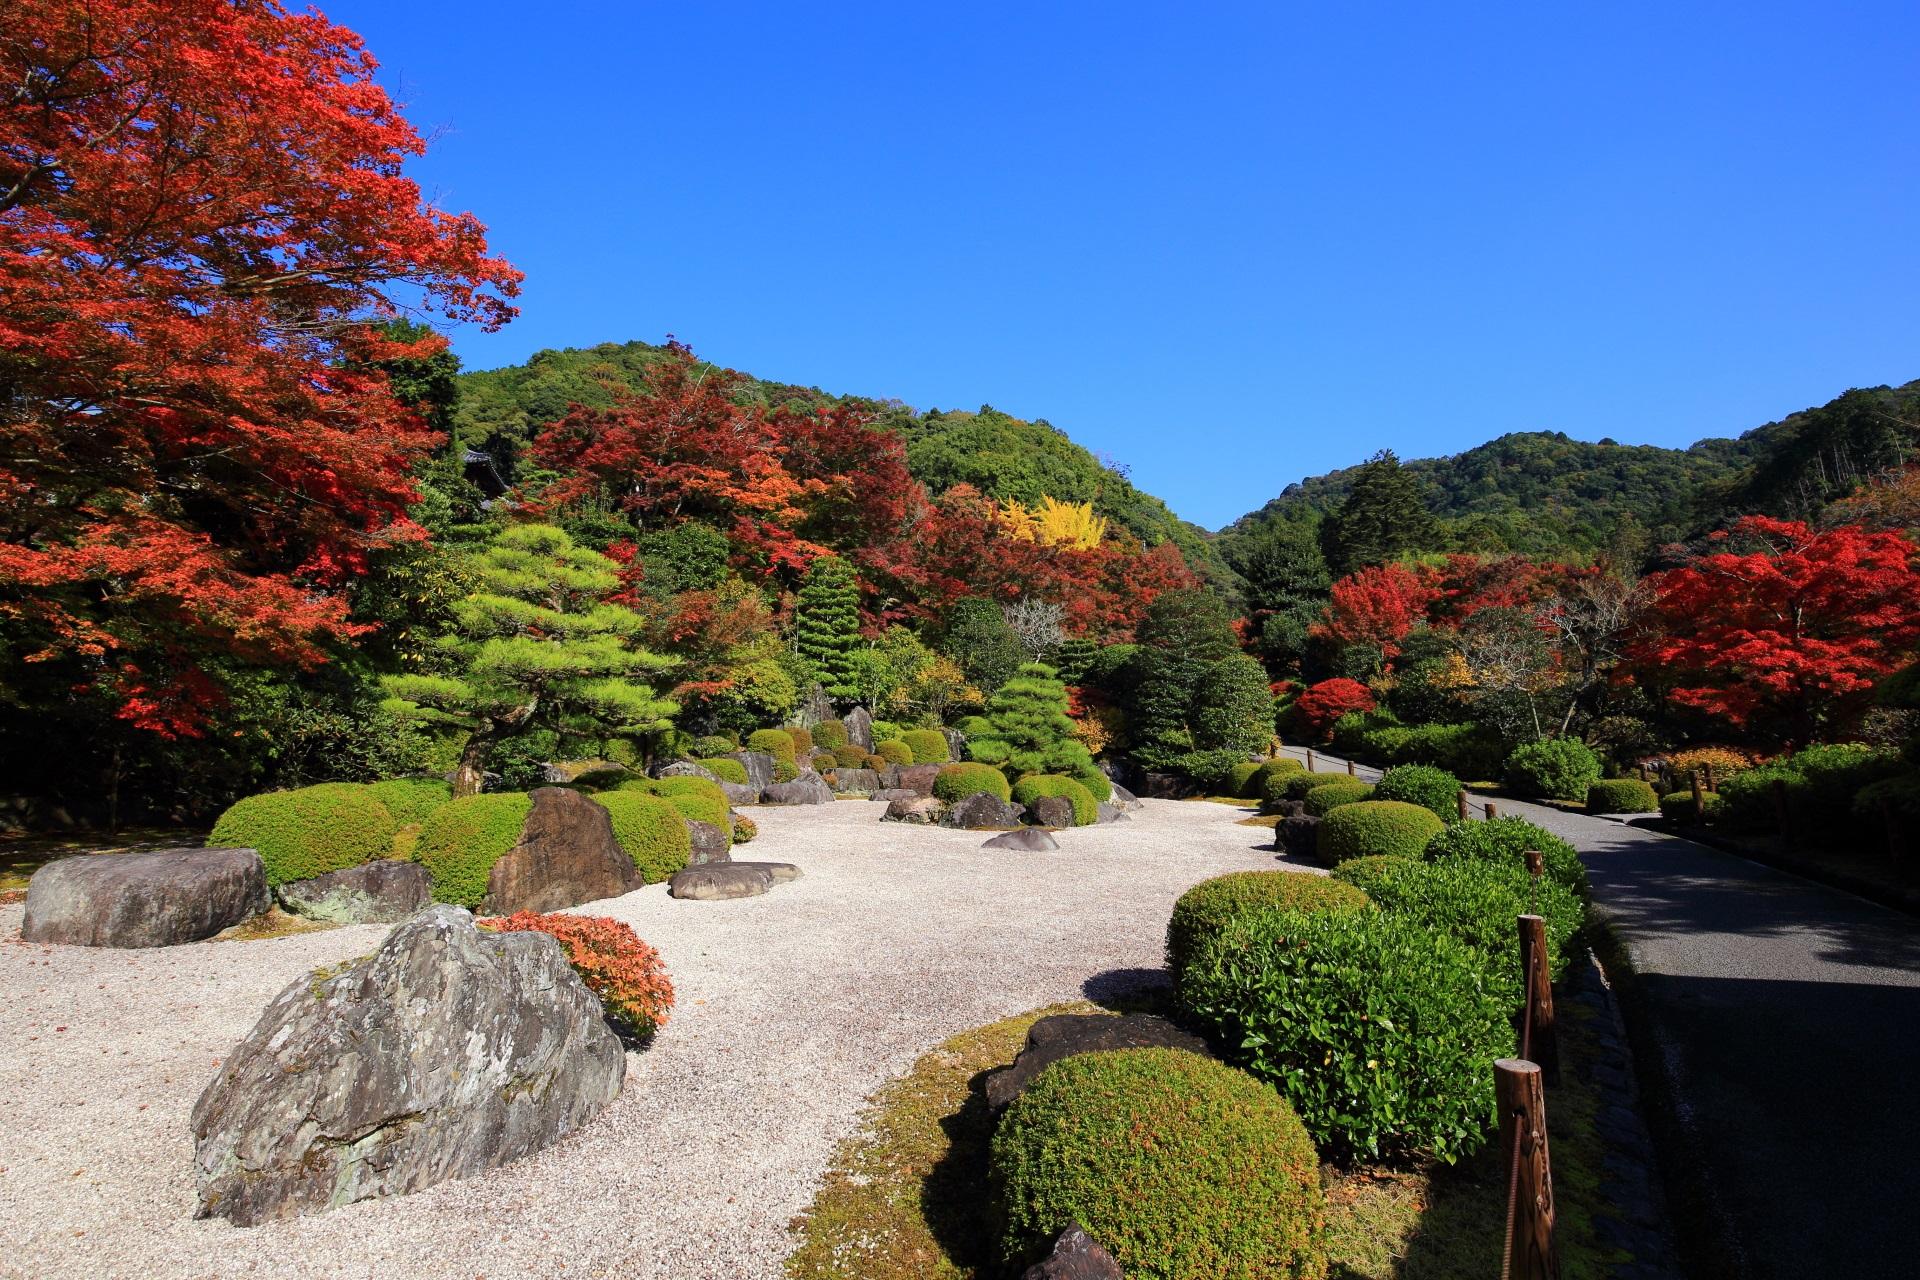 三室戸寺の枯山水庭園の紅葉